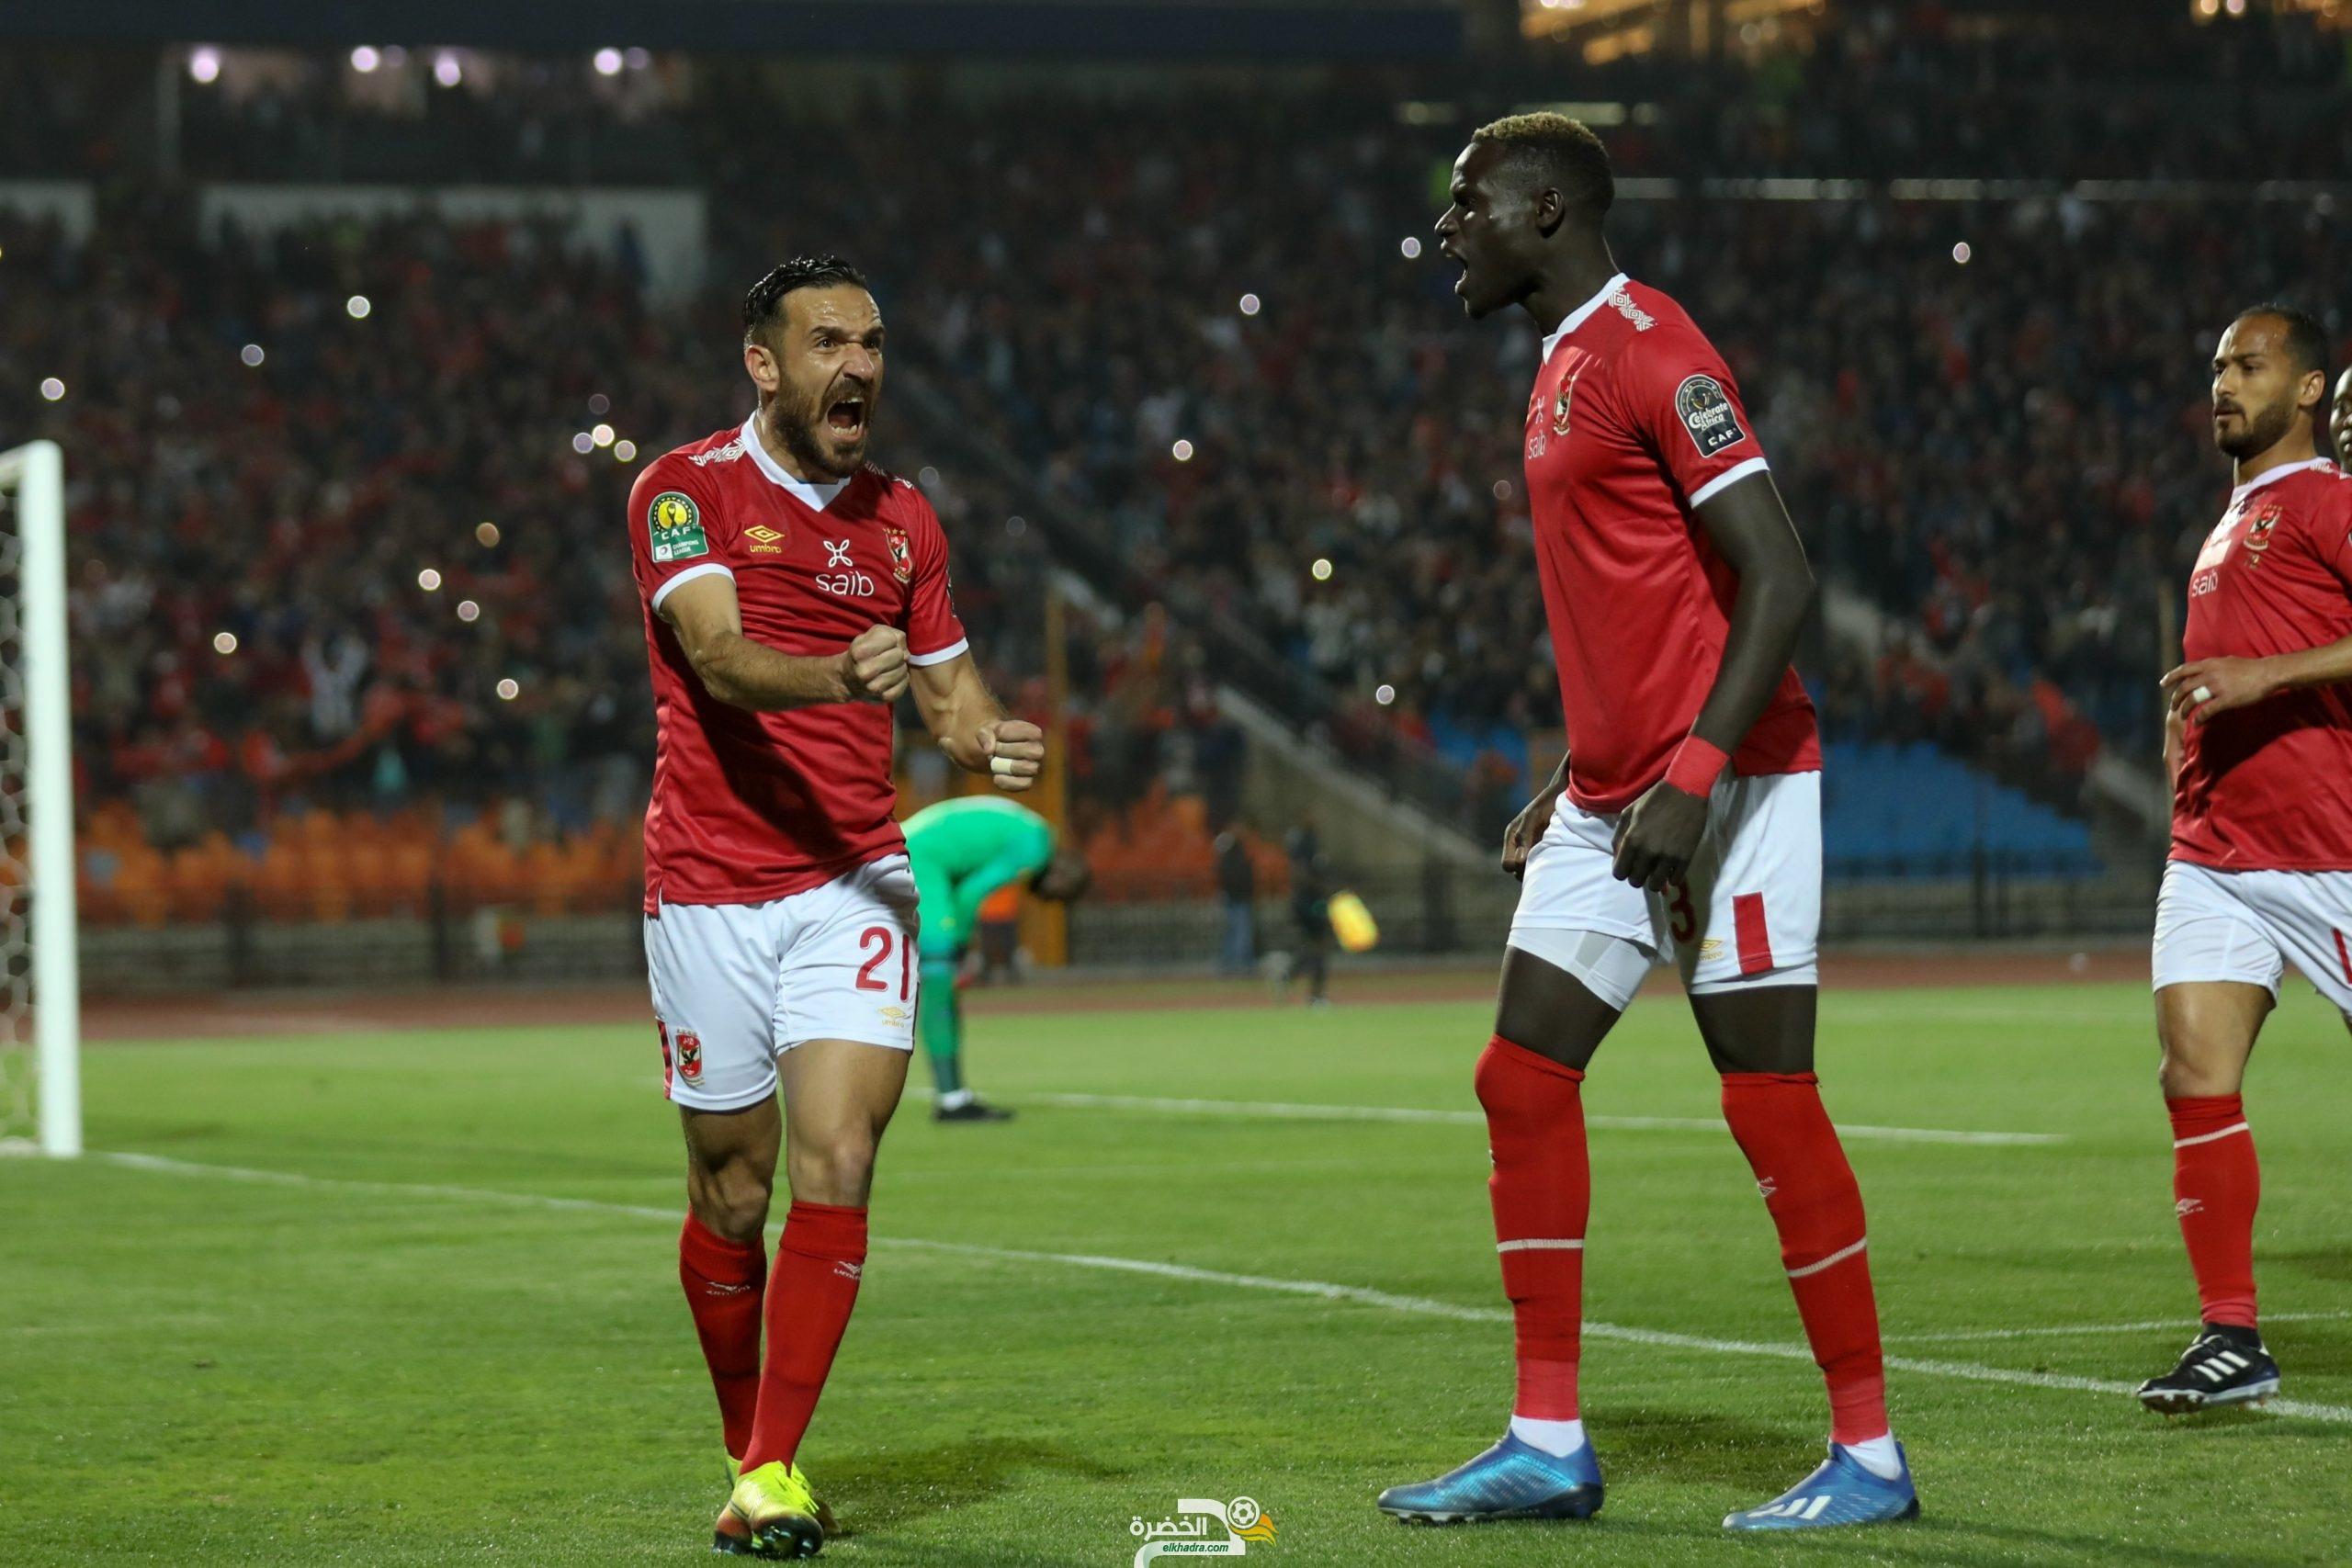 الأهلي المصري يفوز على ضيفه ماميلودي صان داونز بثنائية نظيفة 28